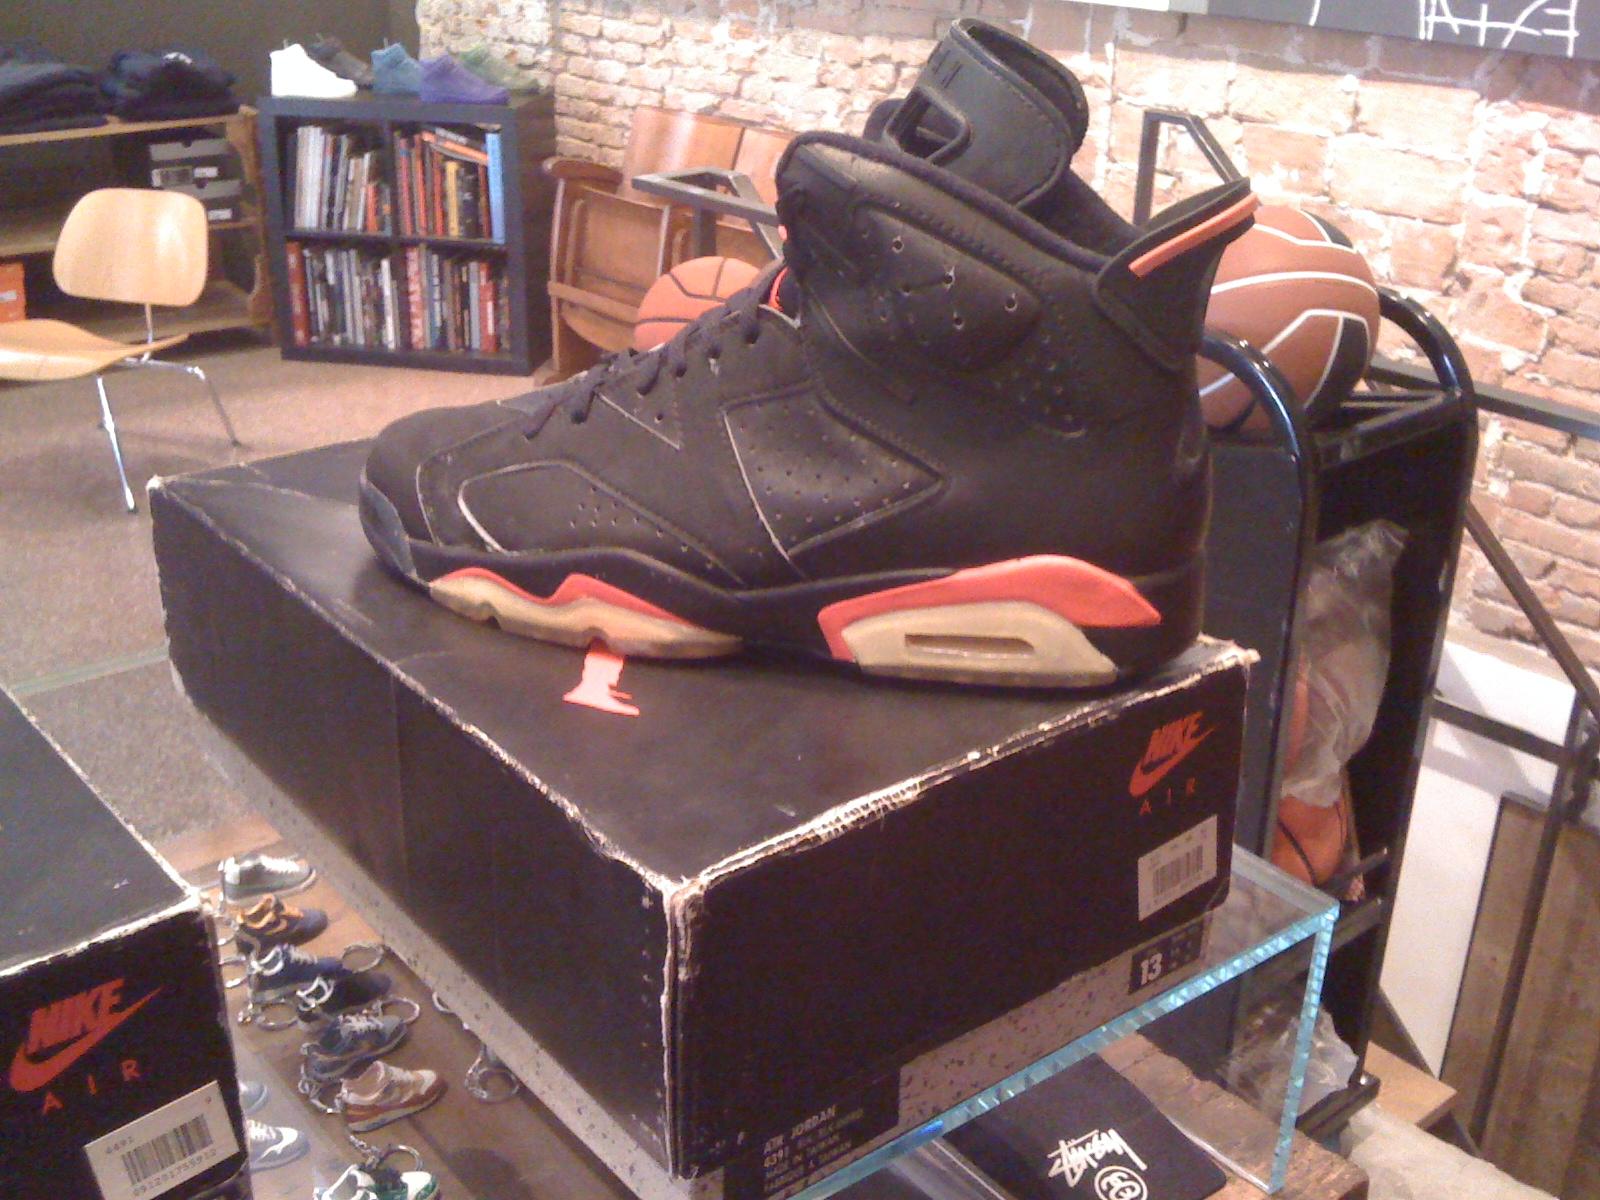 ordine 100% genuino stile squisito Air Jordan: una scarpa, un mito. E un record: in Italia c'è ...